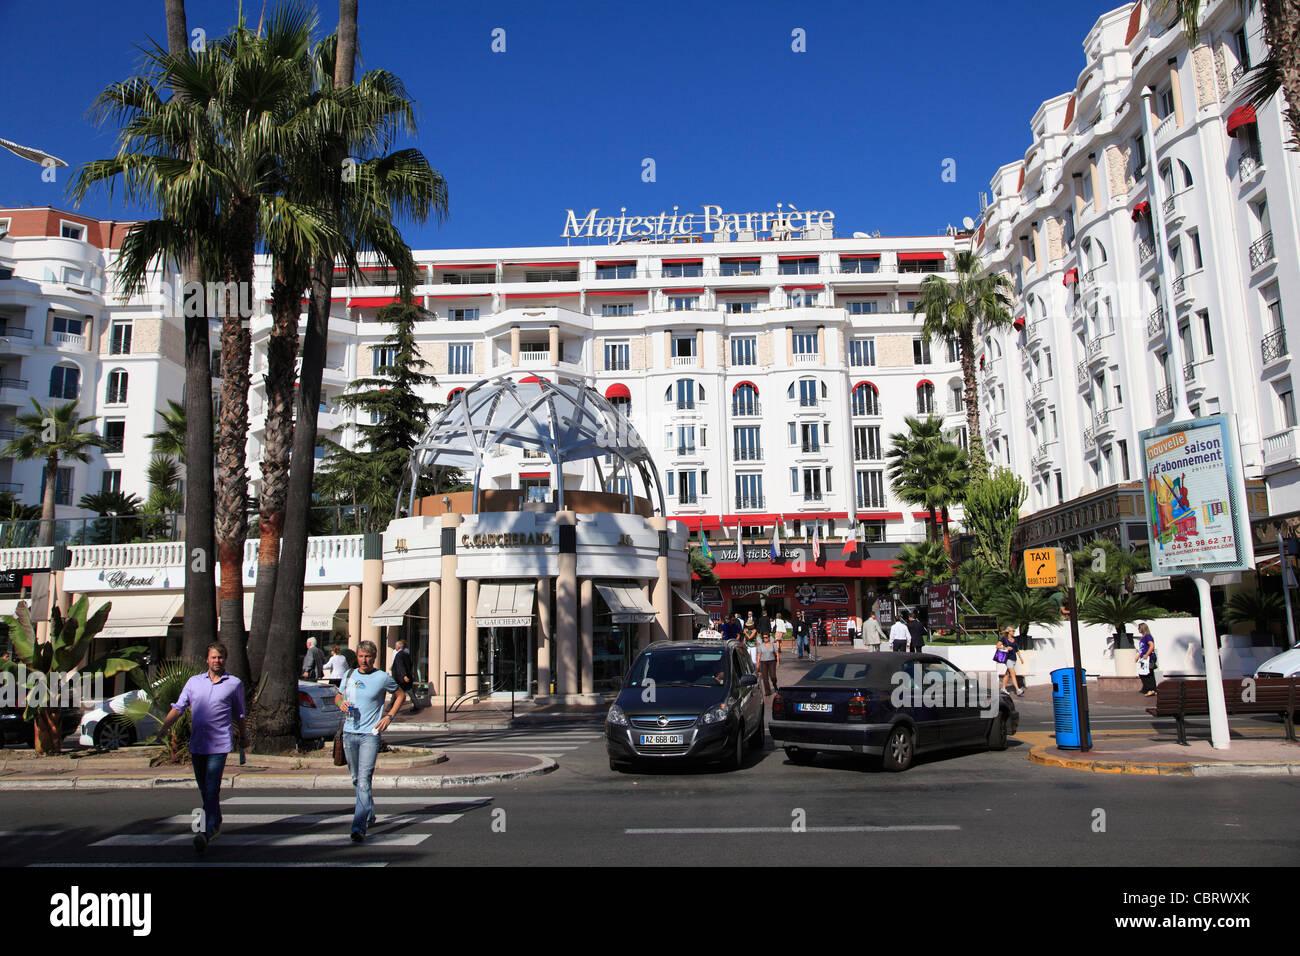 Boulevard de la Croisette, La Croisette, Cannes, Cote d'Azur, Provence, France, Europe Stock Photo